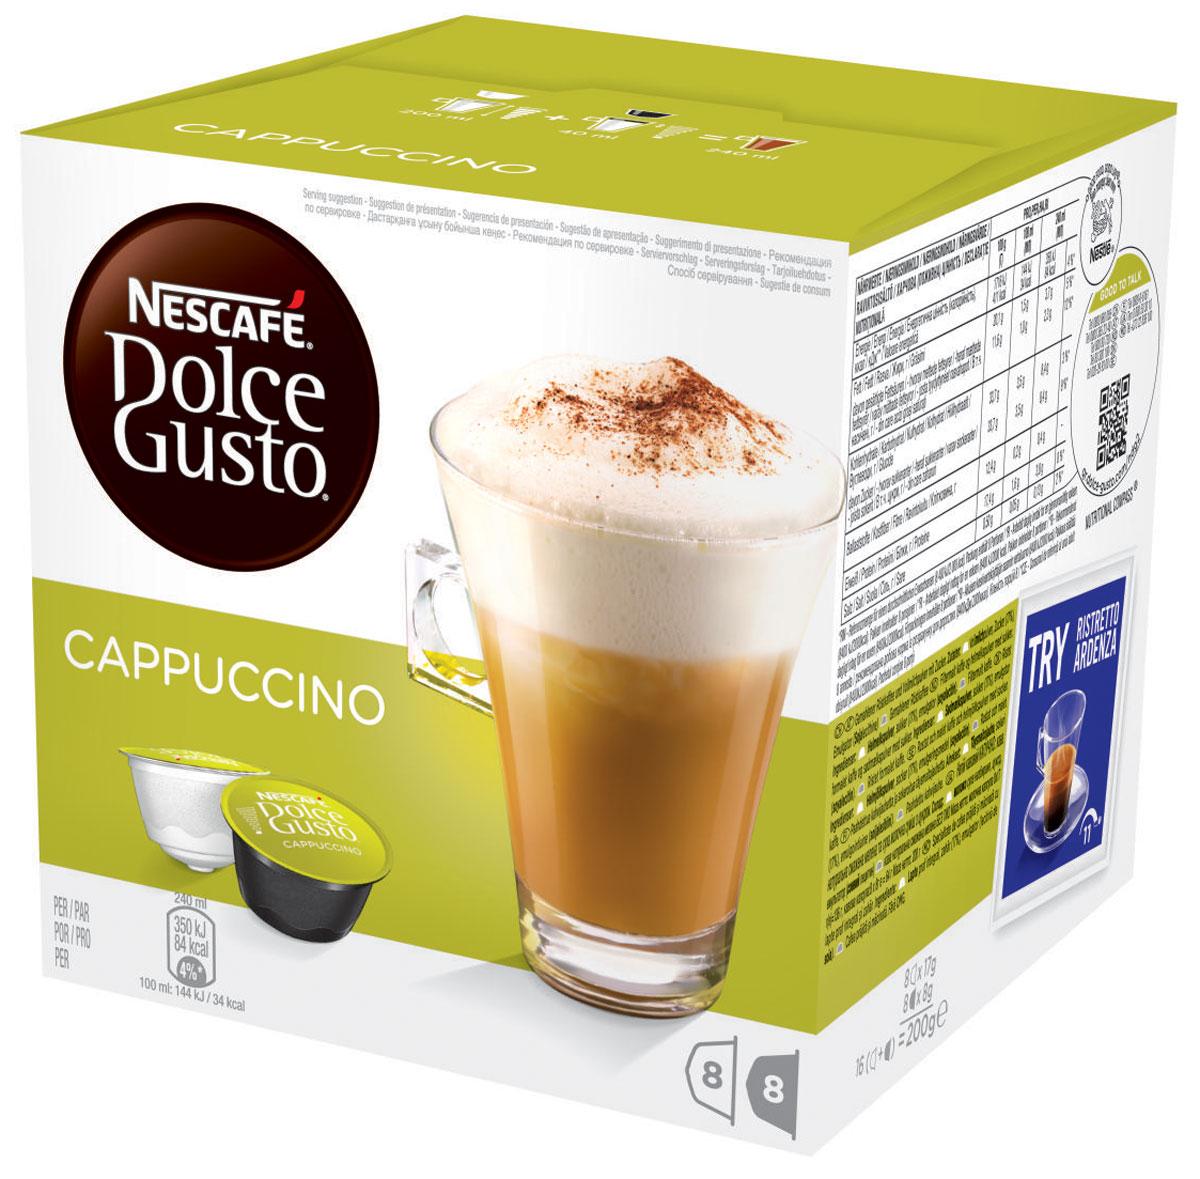 Nescafe Dolce Gusto Cappuccino кофе в капсулах, 16 шт0120710Несомненный образец классика – великолепный капучино всегда в фаворе у всех любителей кофе. Глубокий вкус эспрессо в сочетании с бархатистой пеной и фактурным молоком делают этот напиток великолепным удовольствием снова и снова, по какому бы случаю его ни пили. Гармония темного обжаренного кофе и молока означает, что вам просто нечего добавить в это великолепный напиток. Менее молочный, чем латте, но более воздушный, чем эспрессо... Мягкая текстура капучино – это то, что вы не сможете забыть, если хоть раз попробуете его. Идеальный капучино многослоен, но расслабляет, он легко пьется, а температура как раз позволяет сохранить незабываемый вкус. Благодаря этому он стал основным напитком в коллекции капсул для любого владельца кофемашины Nescafe Dolce Gusto: популярный среди друзей и близких и абсолютно идеальный для отдыха и расслабления, когда вам нужен перерыв.В состав входят:8 капсул с натуральным жареным молотым кофе8 капсул с сухим цельным молоком, сахаром, эмульгатором (соевый лецитин)